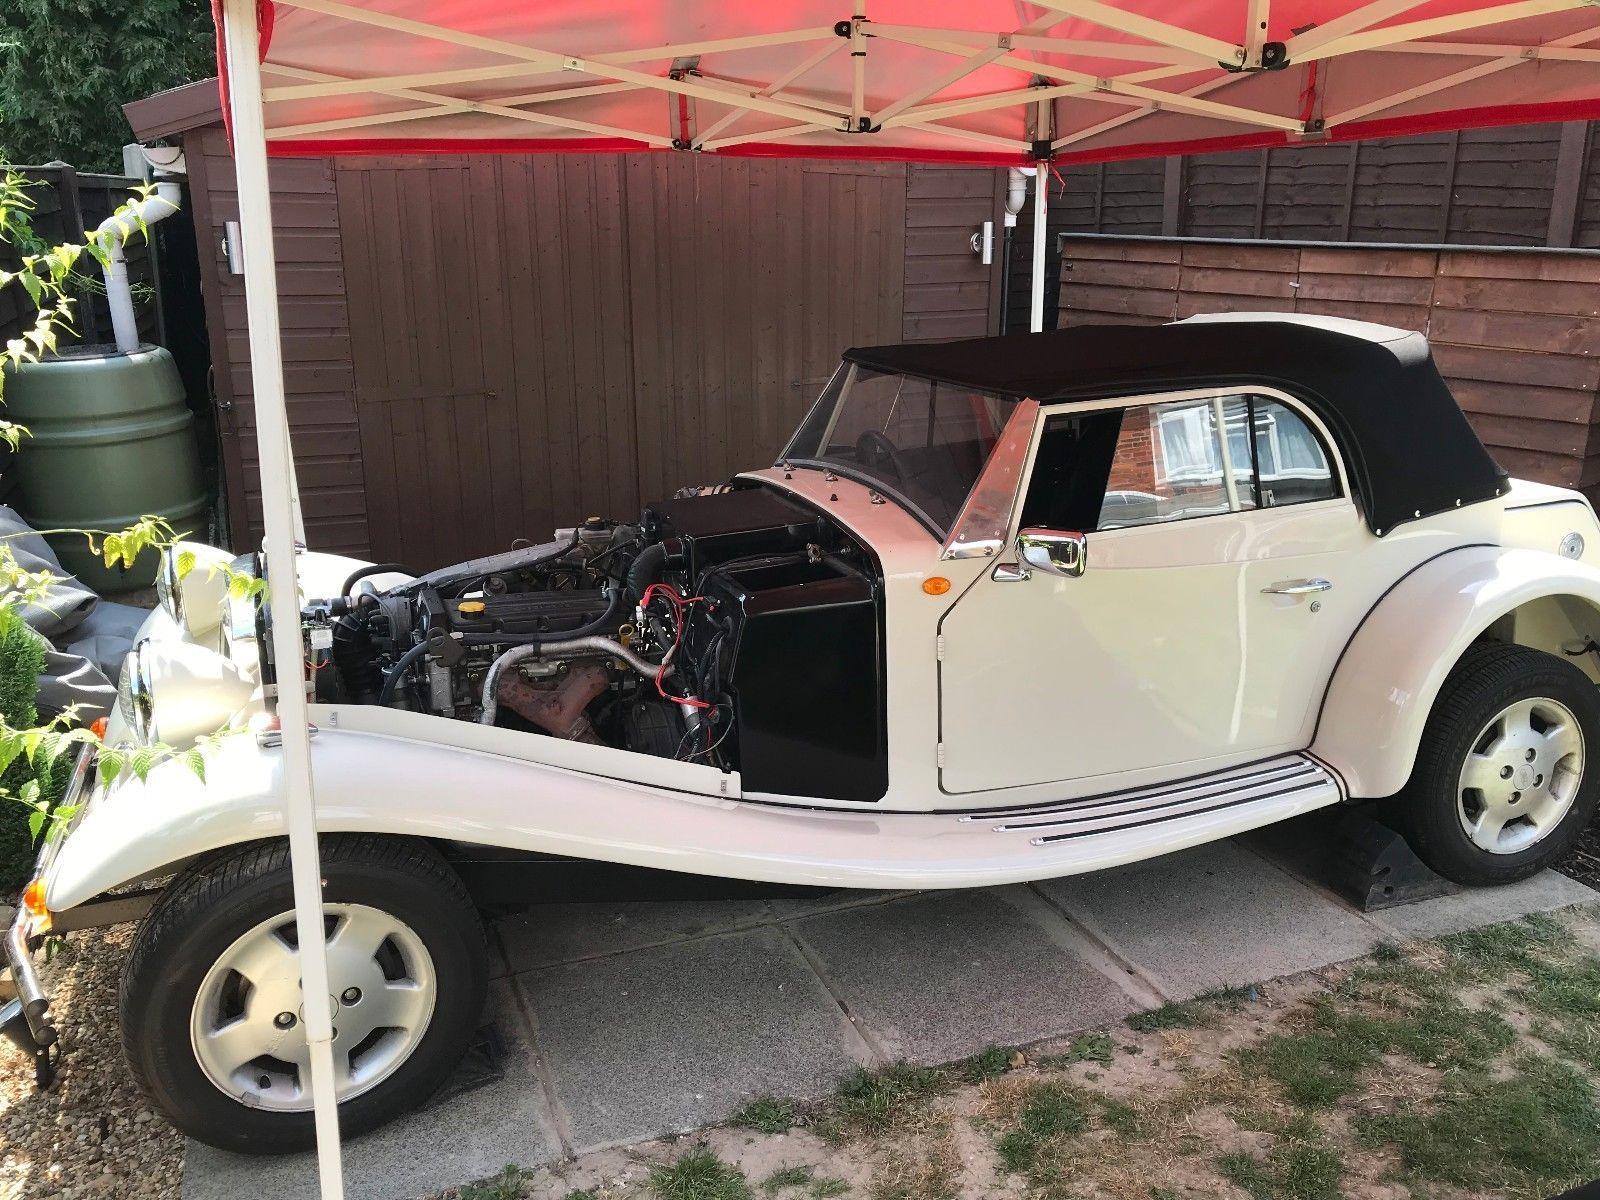 Jba Falcon Kit Car Project Kitcar Kit Cars And Replicas Kit